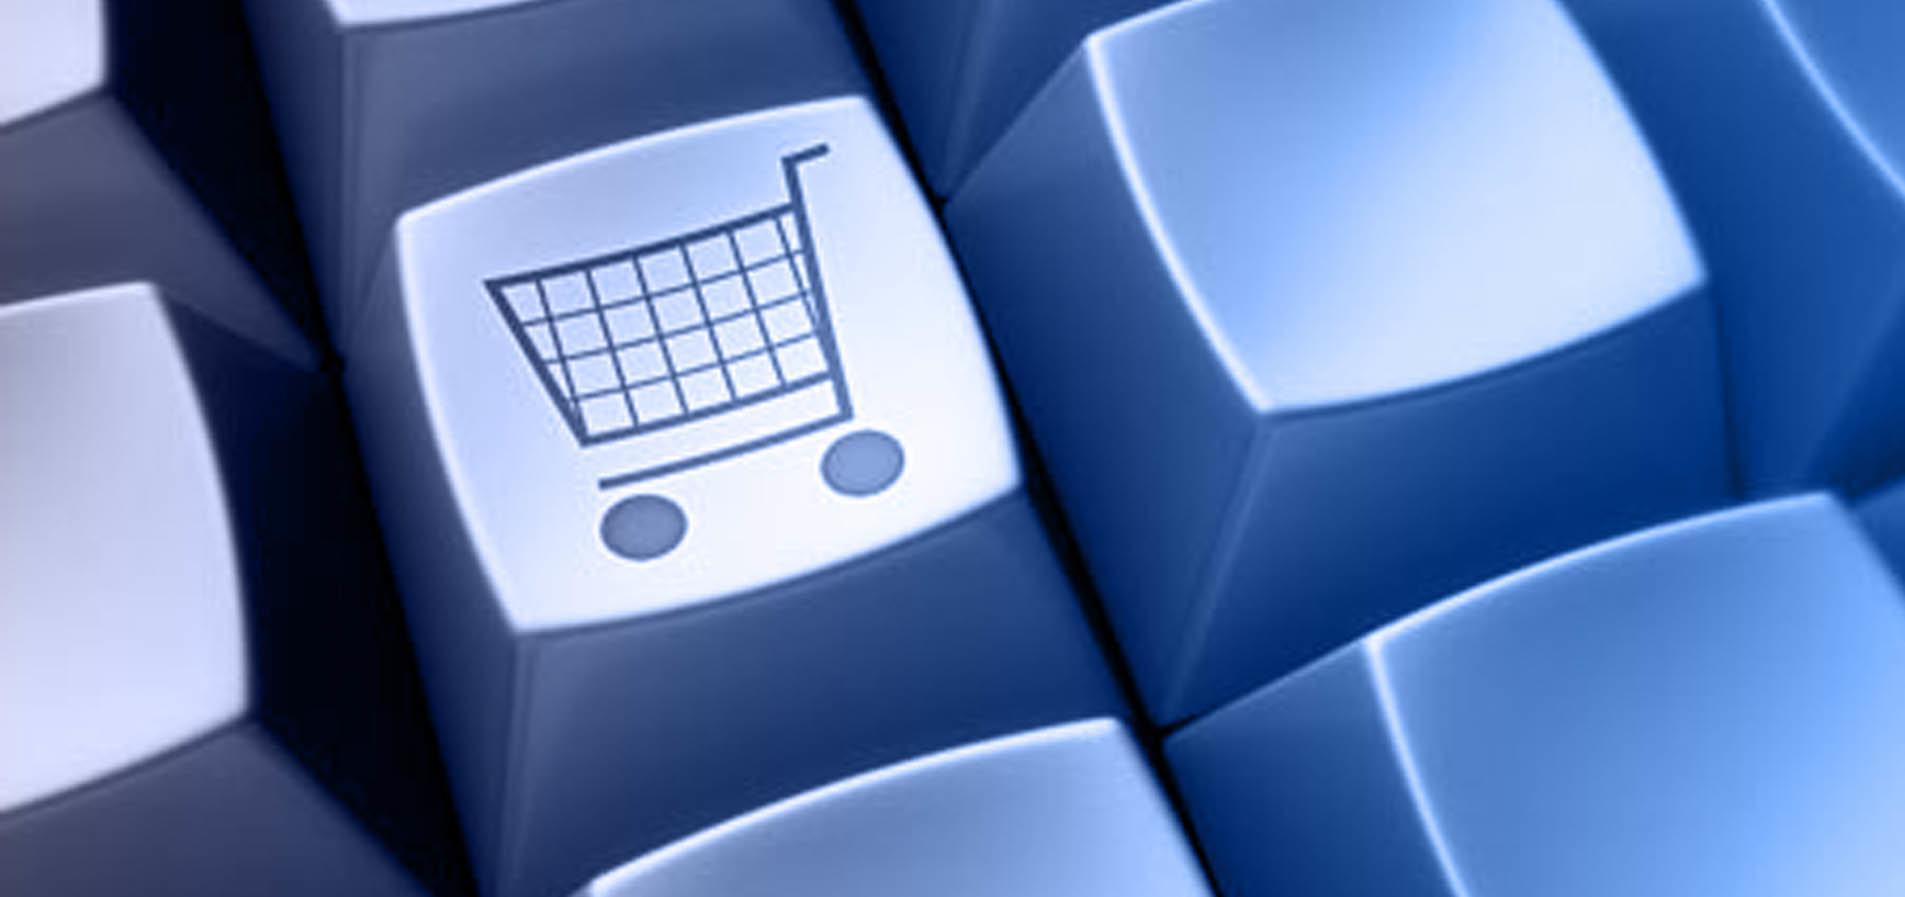 Baza danych sklepu internetowego